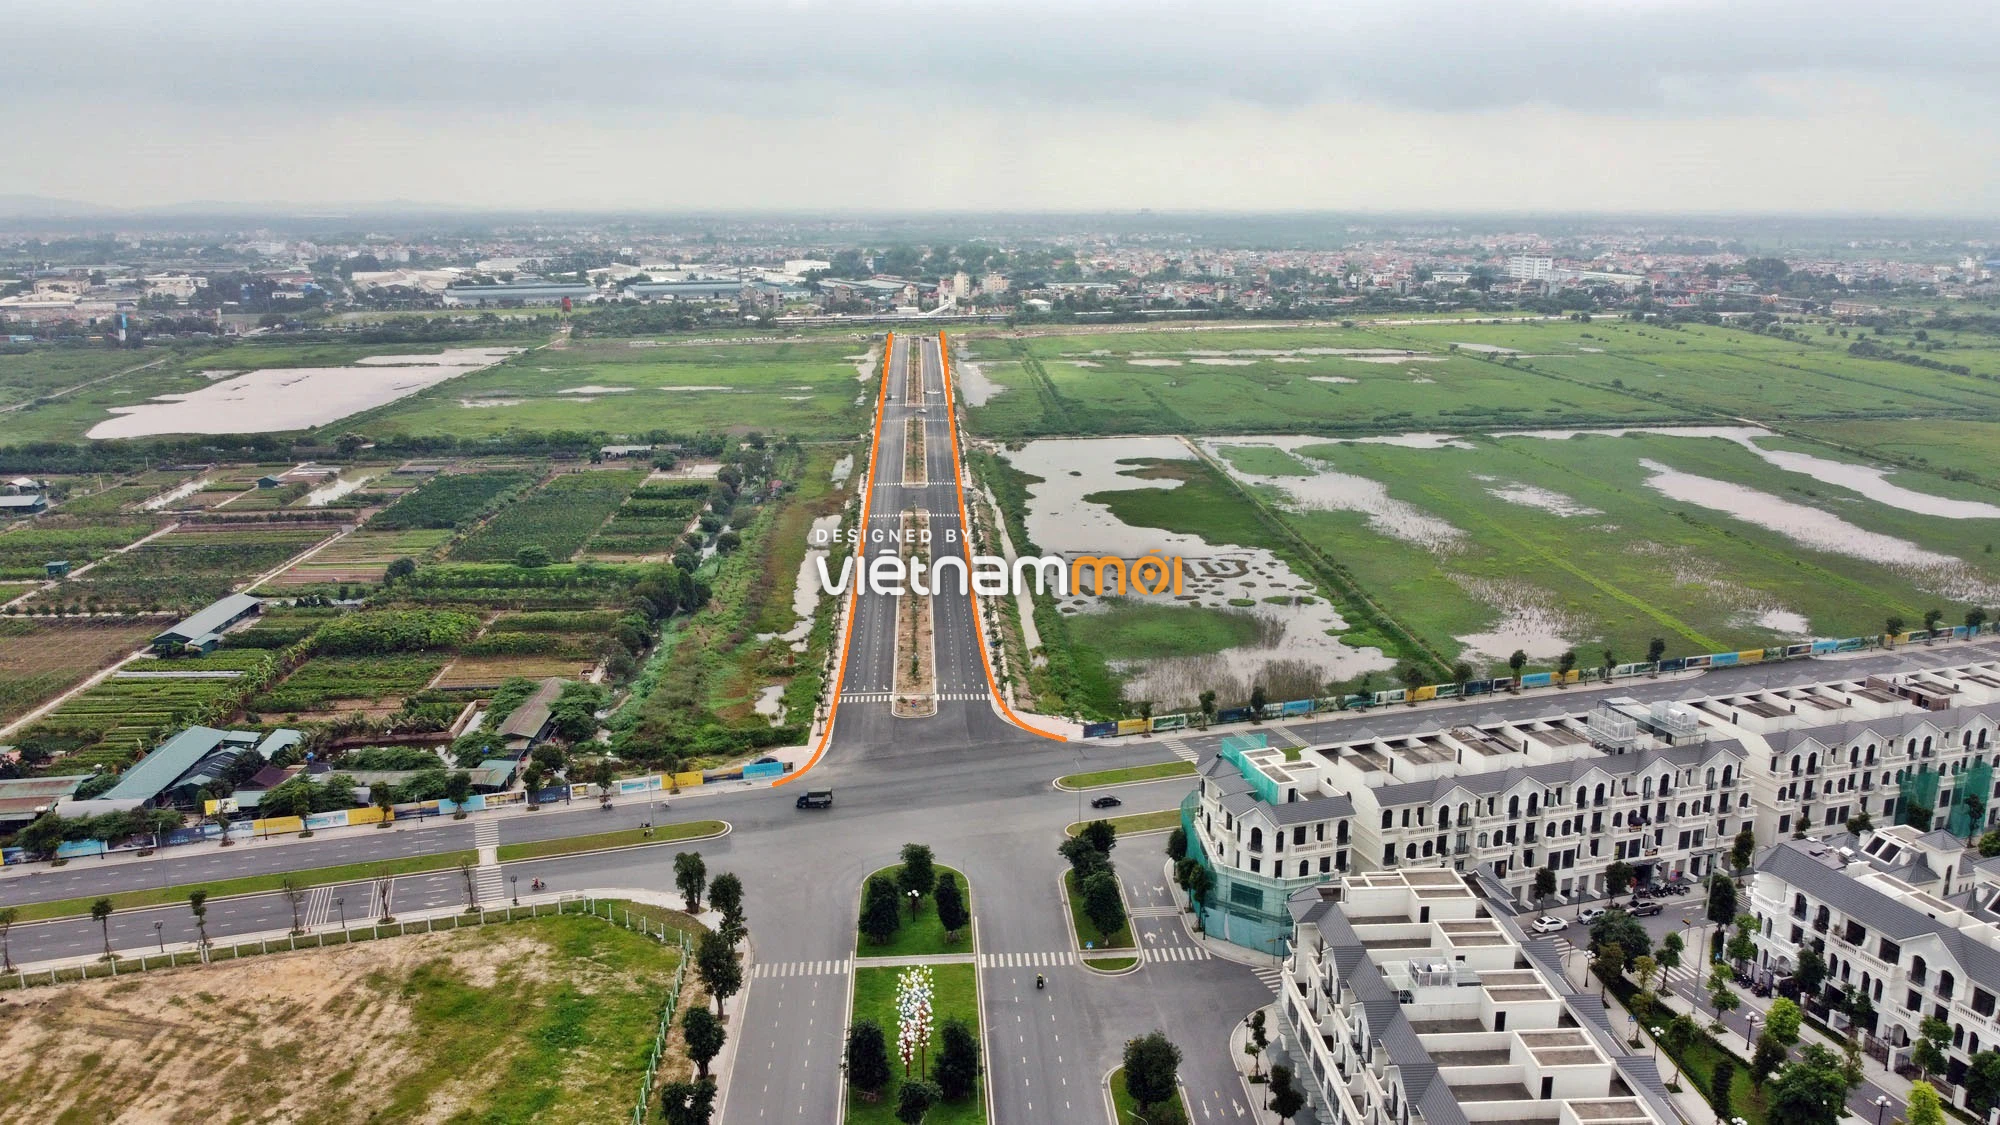 Toàn cảnh đường nối Vinhomes Ocean Park với ga Phú Thụy đang mở theo quy hoạch ở Hà Nội - Ảnh 2.